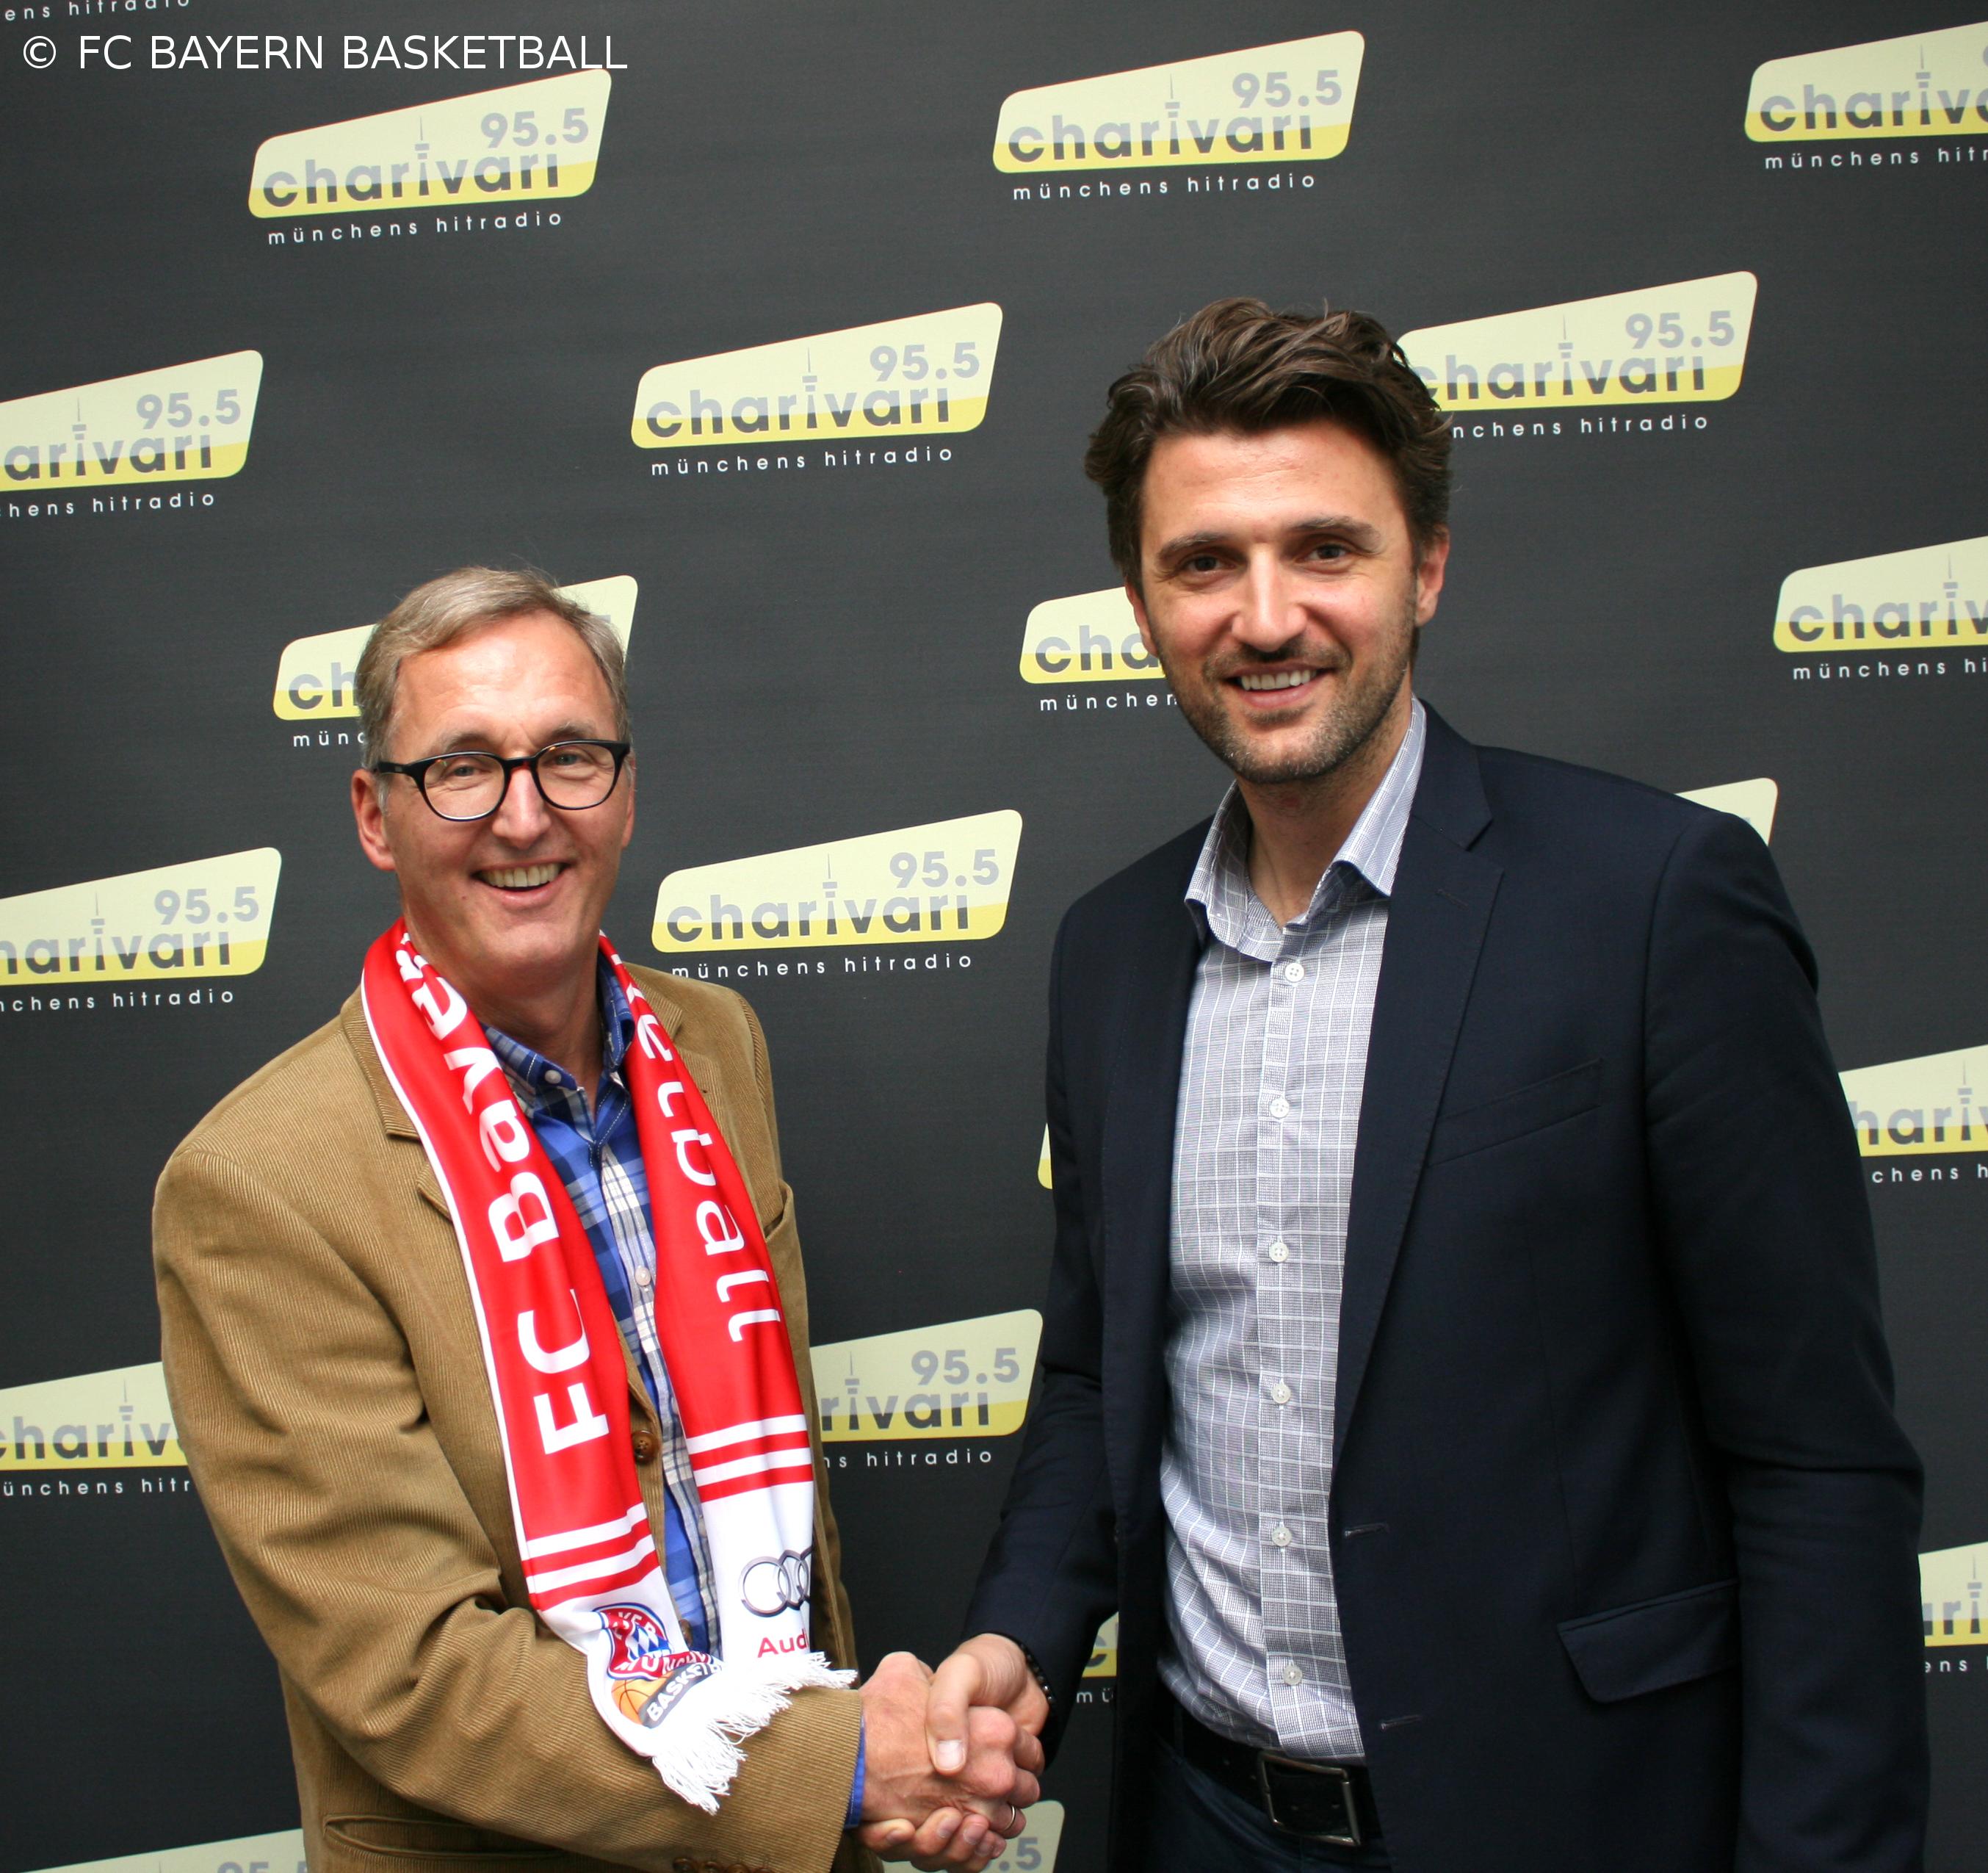 FC Bayern hat einen neuen Radiopartner